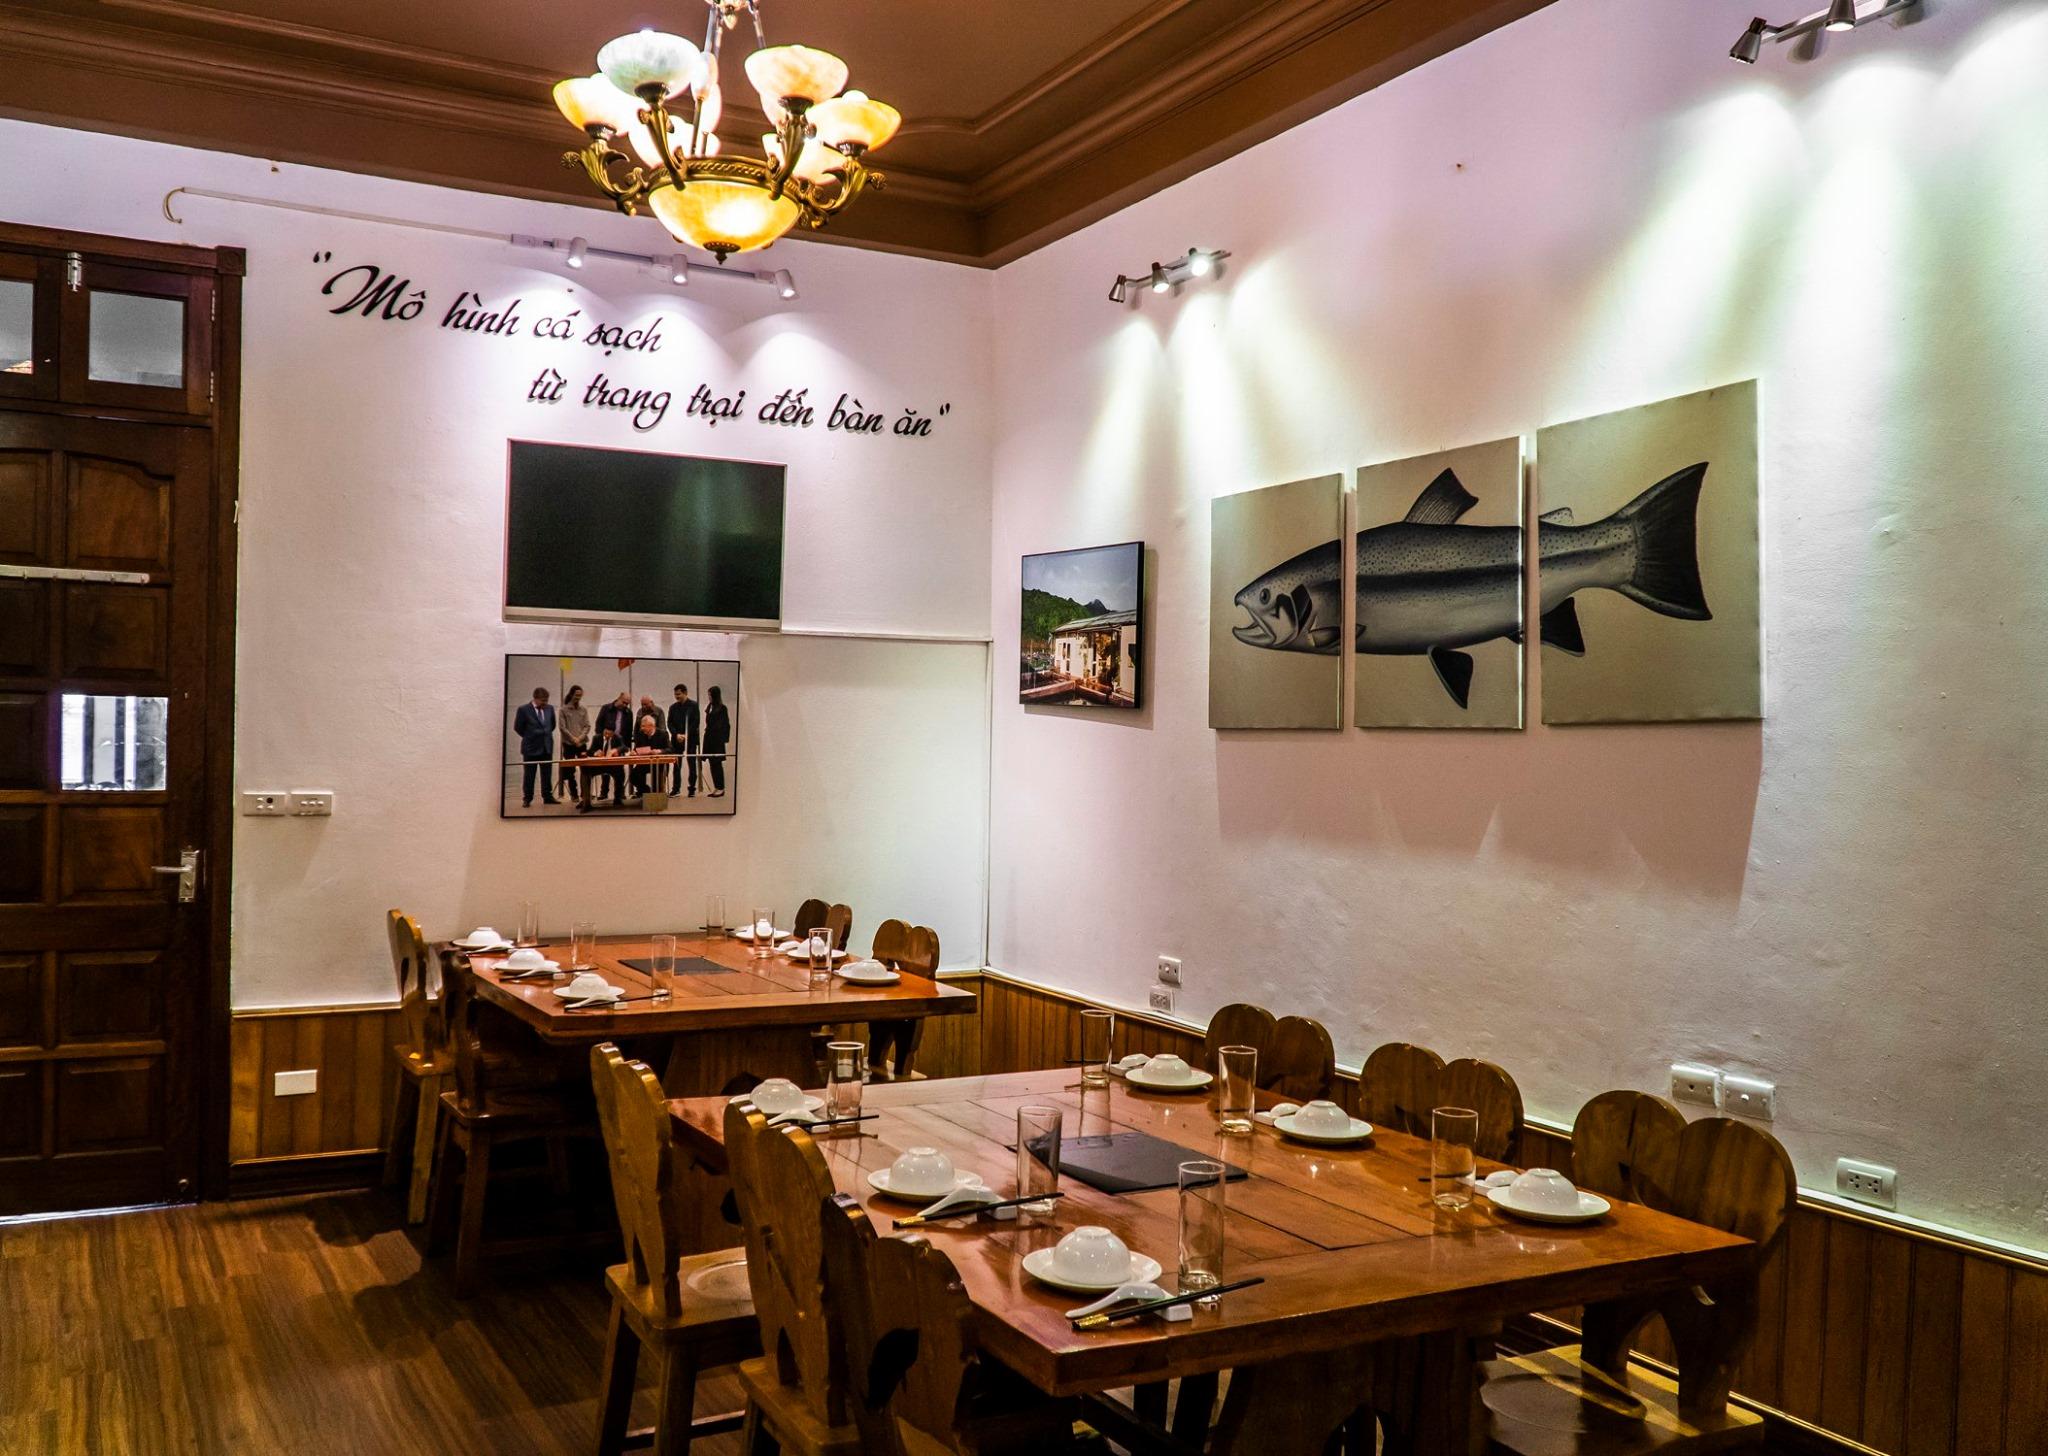 Khám phá những nhà hàng ở Sapa được hội sành ăn 'review' nhiều nhất  - Ảnh 15.